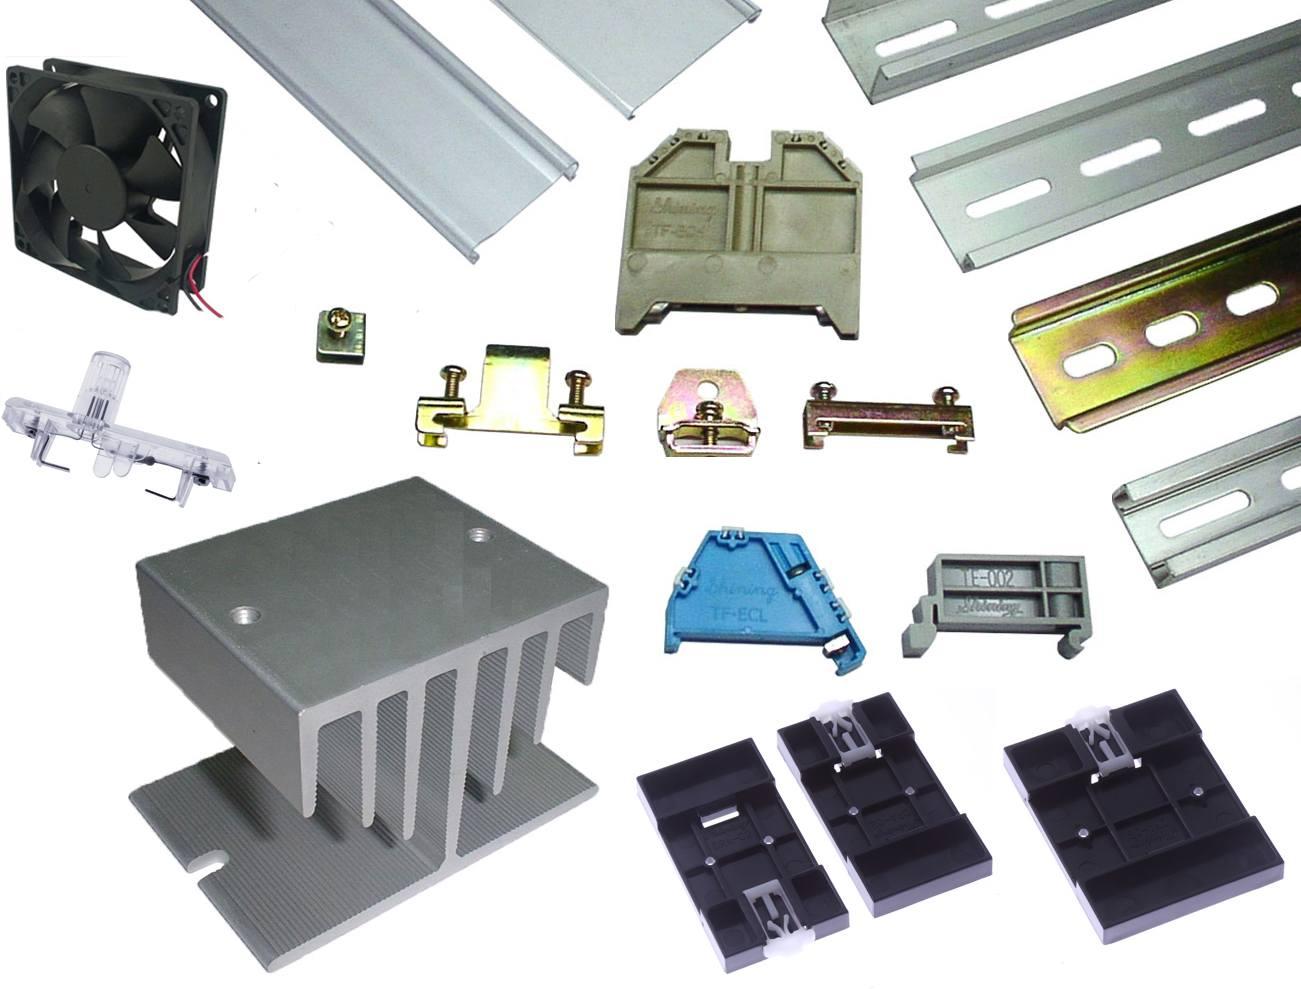 零件 - Din Mount Rail & End Clamp Bracket & Power Failure Indicator & Din Rail Adapter & Heat Sink and Fan